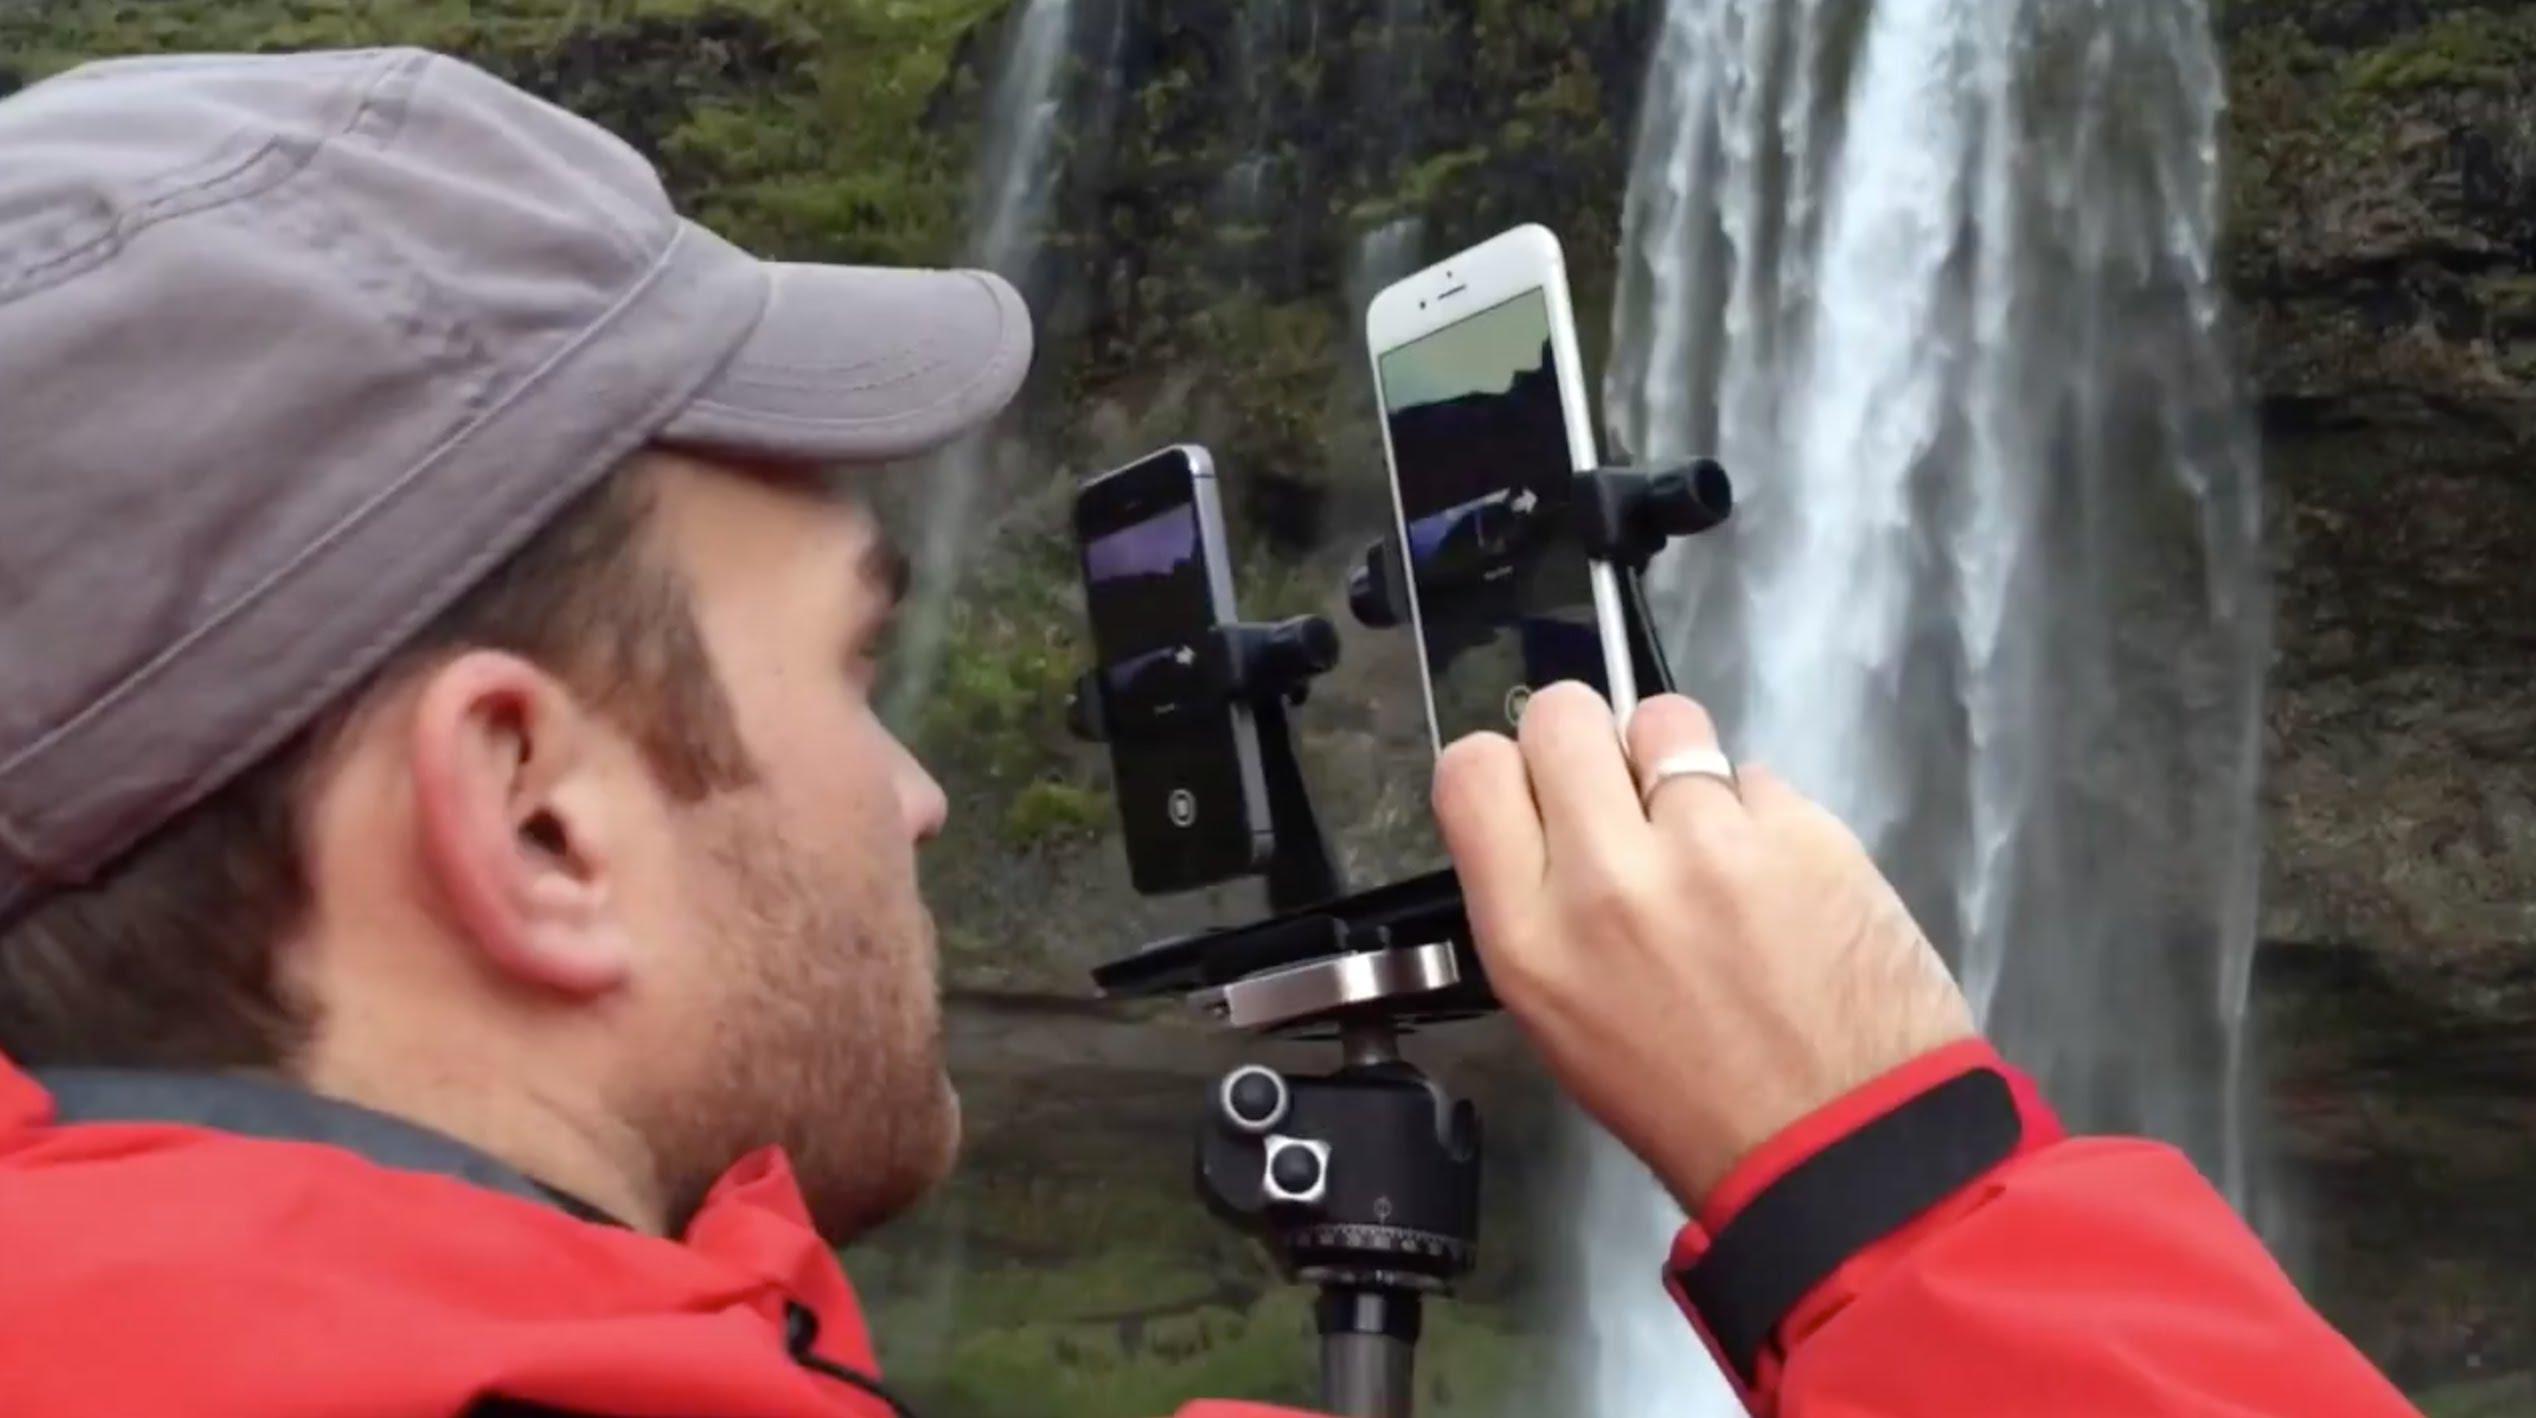 تصوير الحياة الطبيعية في آيسلندا بواسطة أيفون 5s وأيفون 6 بلس